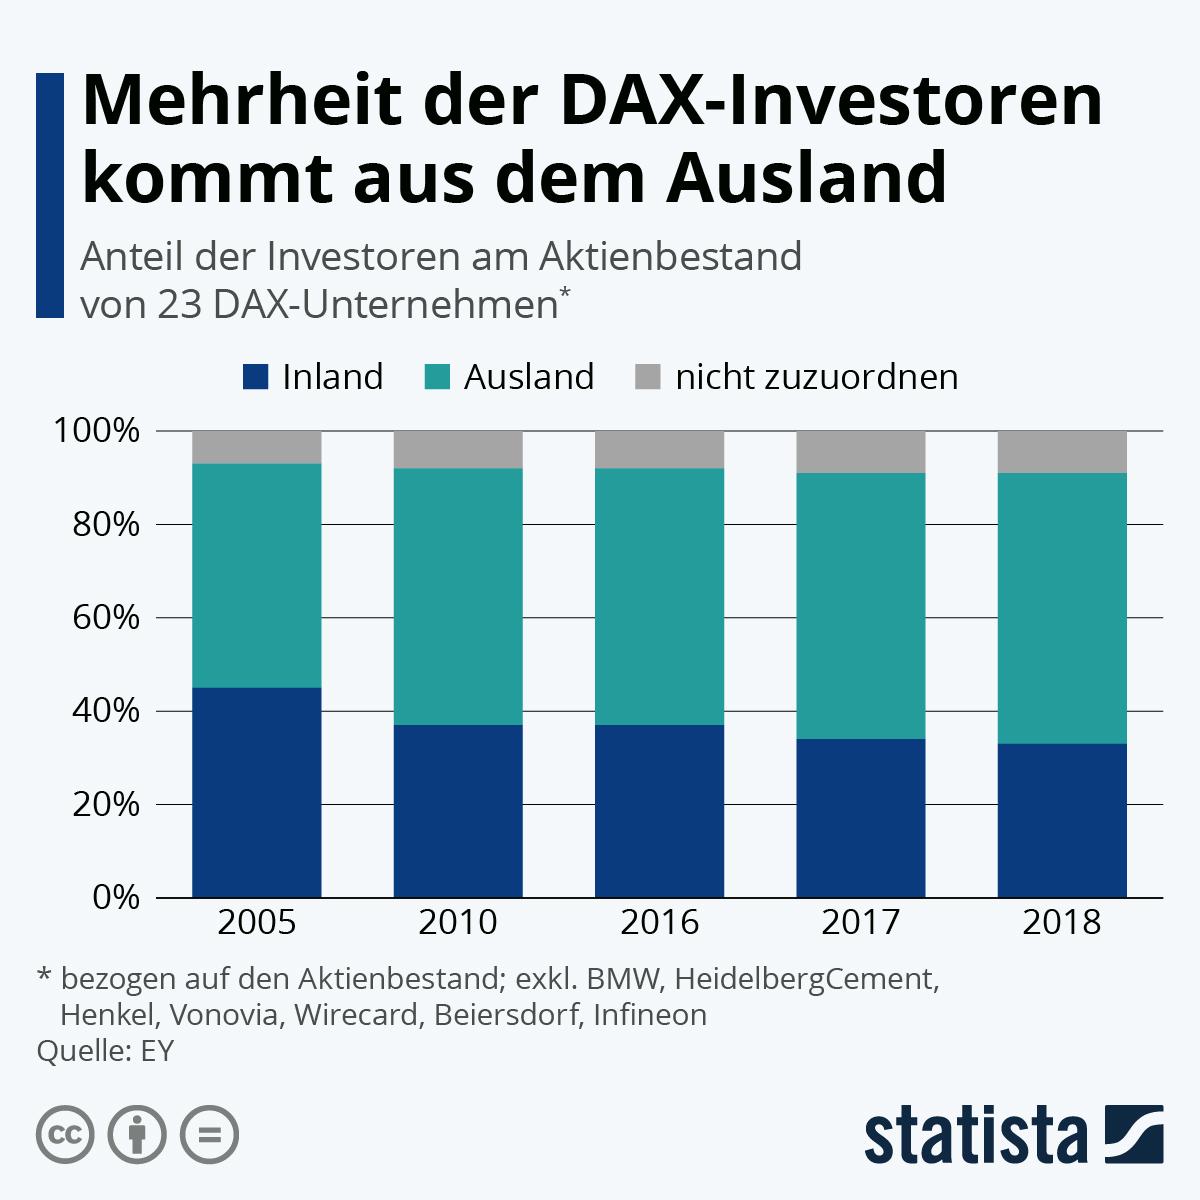 Infografik: Mehrheit der DAX-Investoren kommt aus dem Ausland | Statista